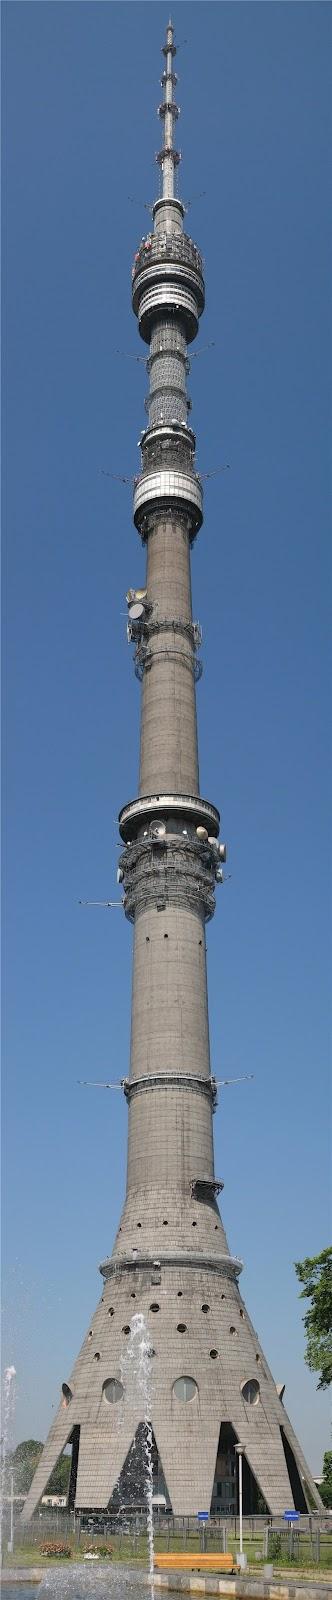 La torre Ostánkino: La torre de comunicaciones más alta de Europa